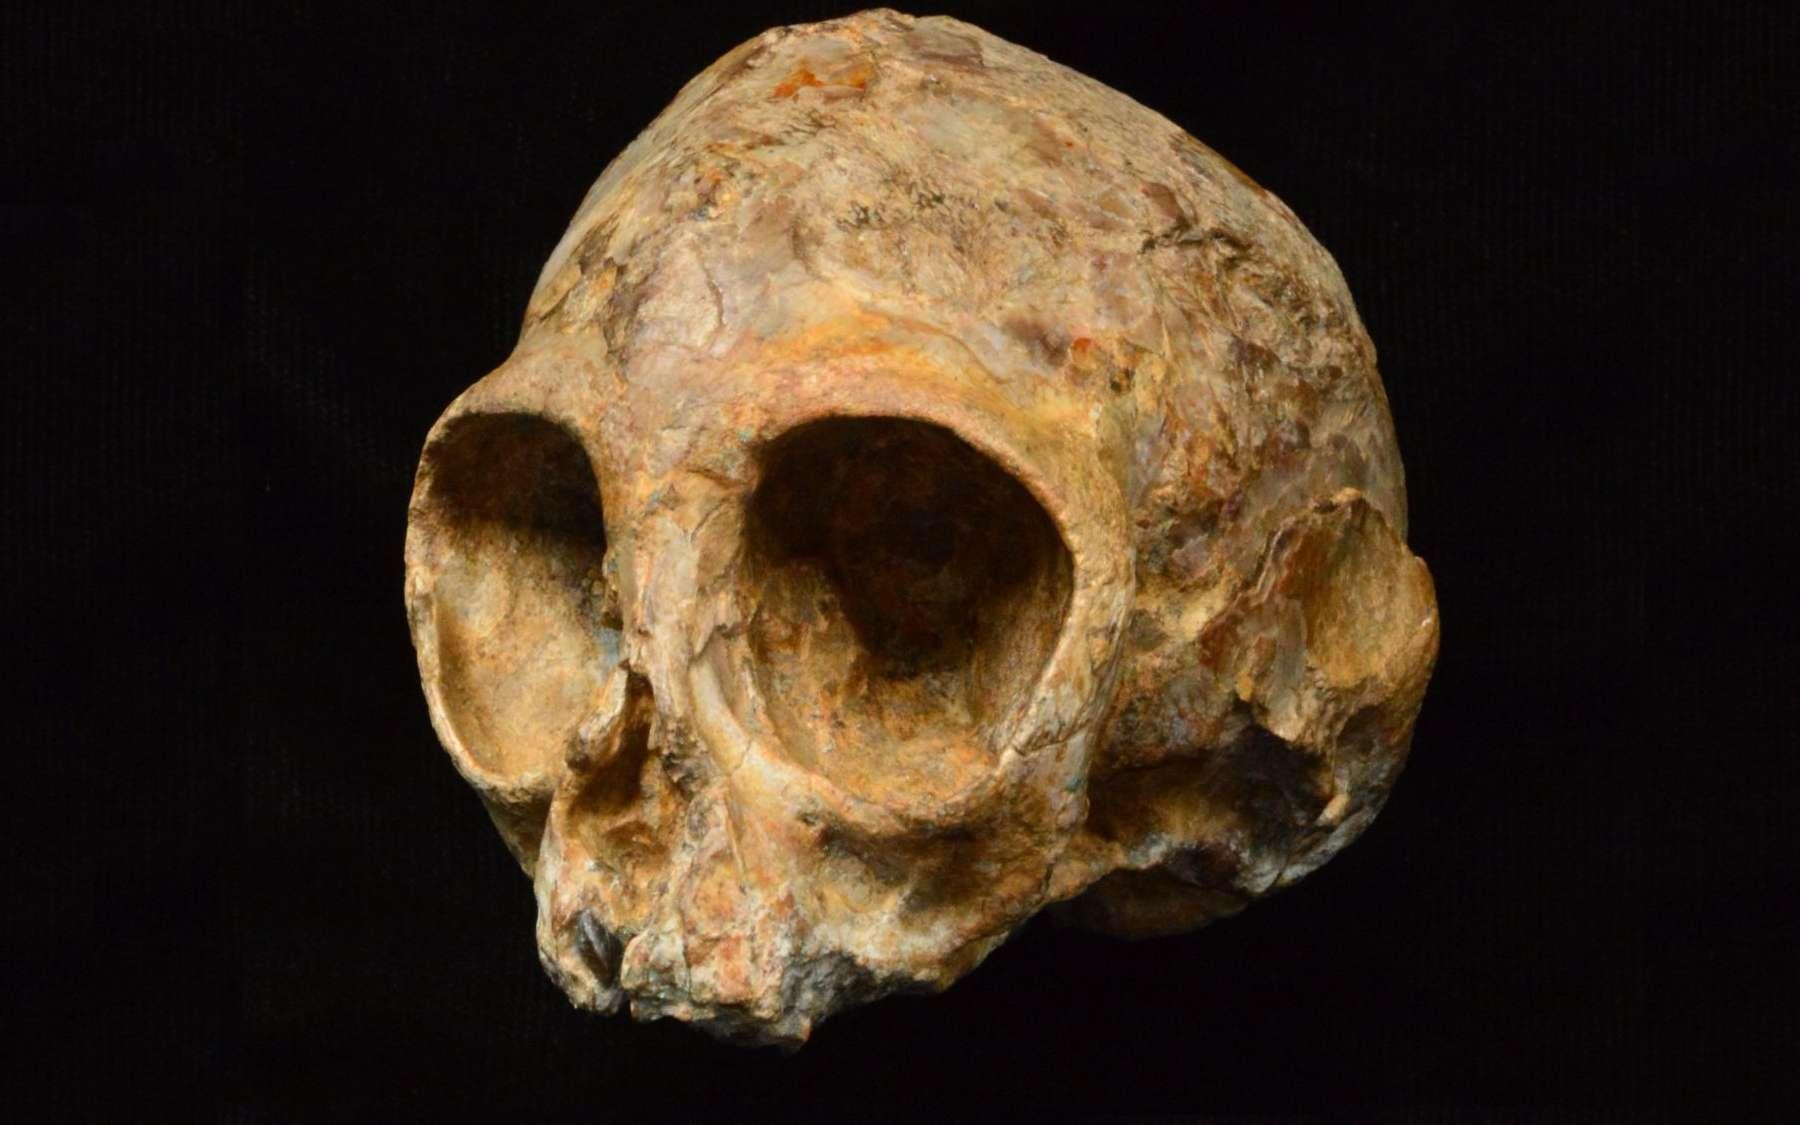 Le crâne de Nyanzapithecus alesi a pu être reconstitué grâce à une analyse 3D aux rayons X. Il éclaire l'histoire des grands singes, donc la nôtre. © Fondation Leakey